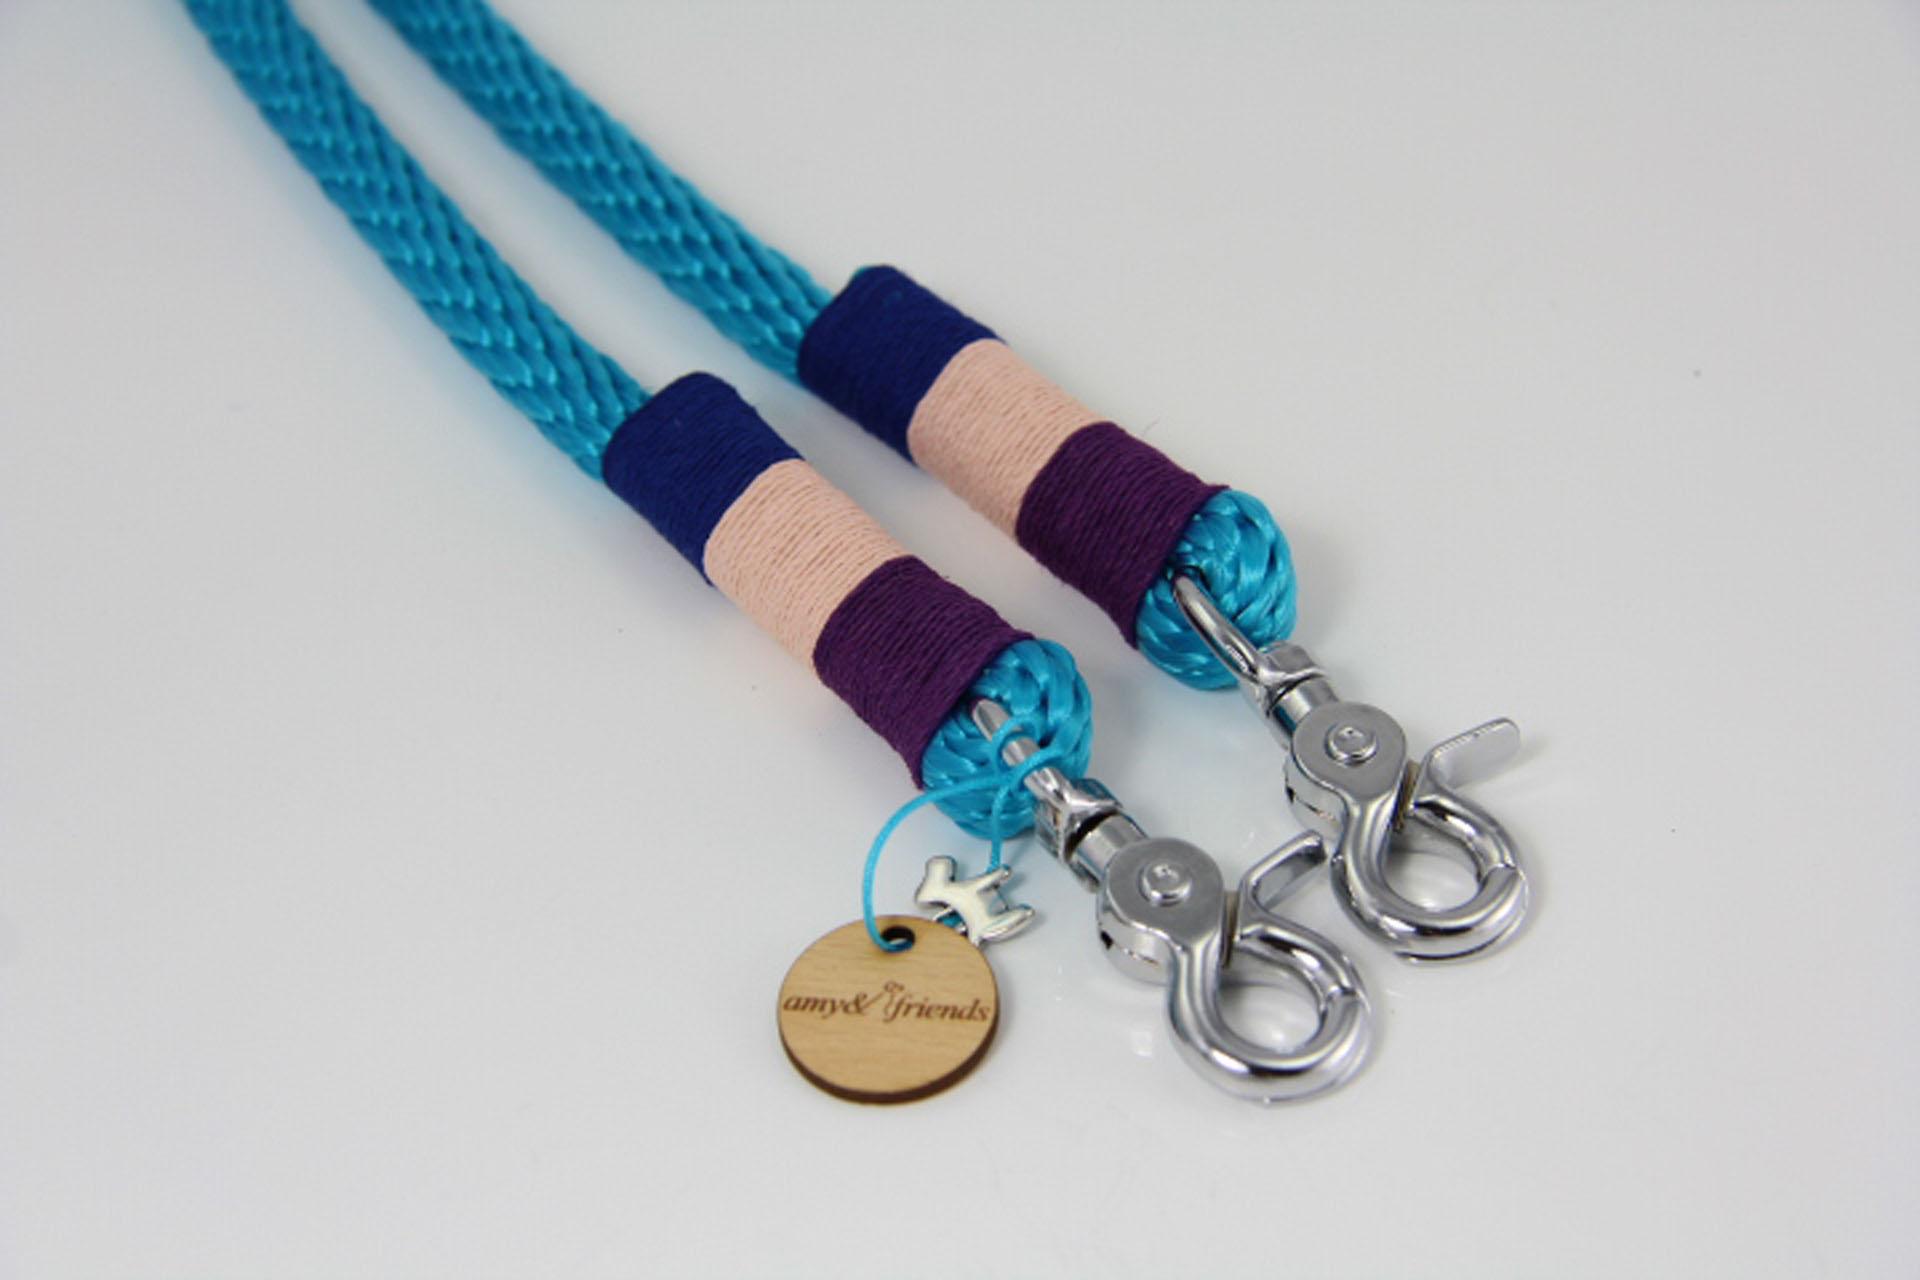 Tauleine-produkt-amy-and-friends-ozean-blau-purple-powder-pink-dunkelblau